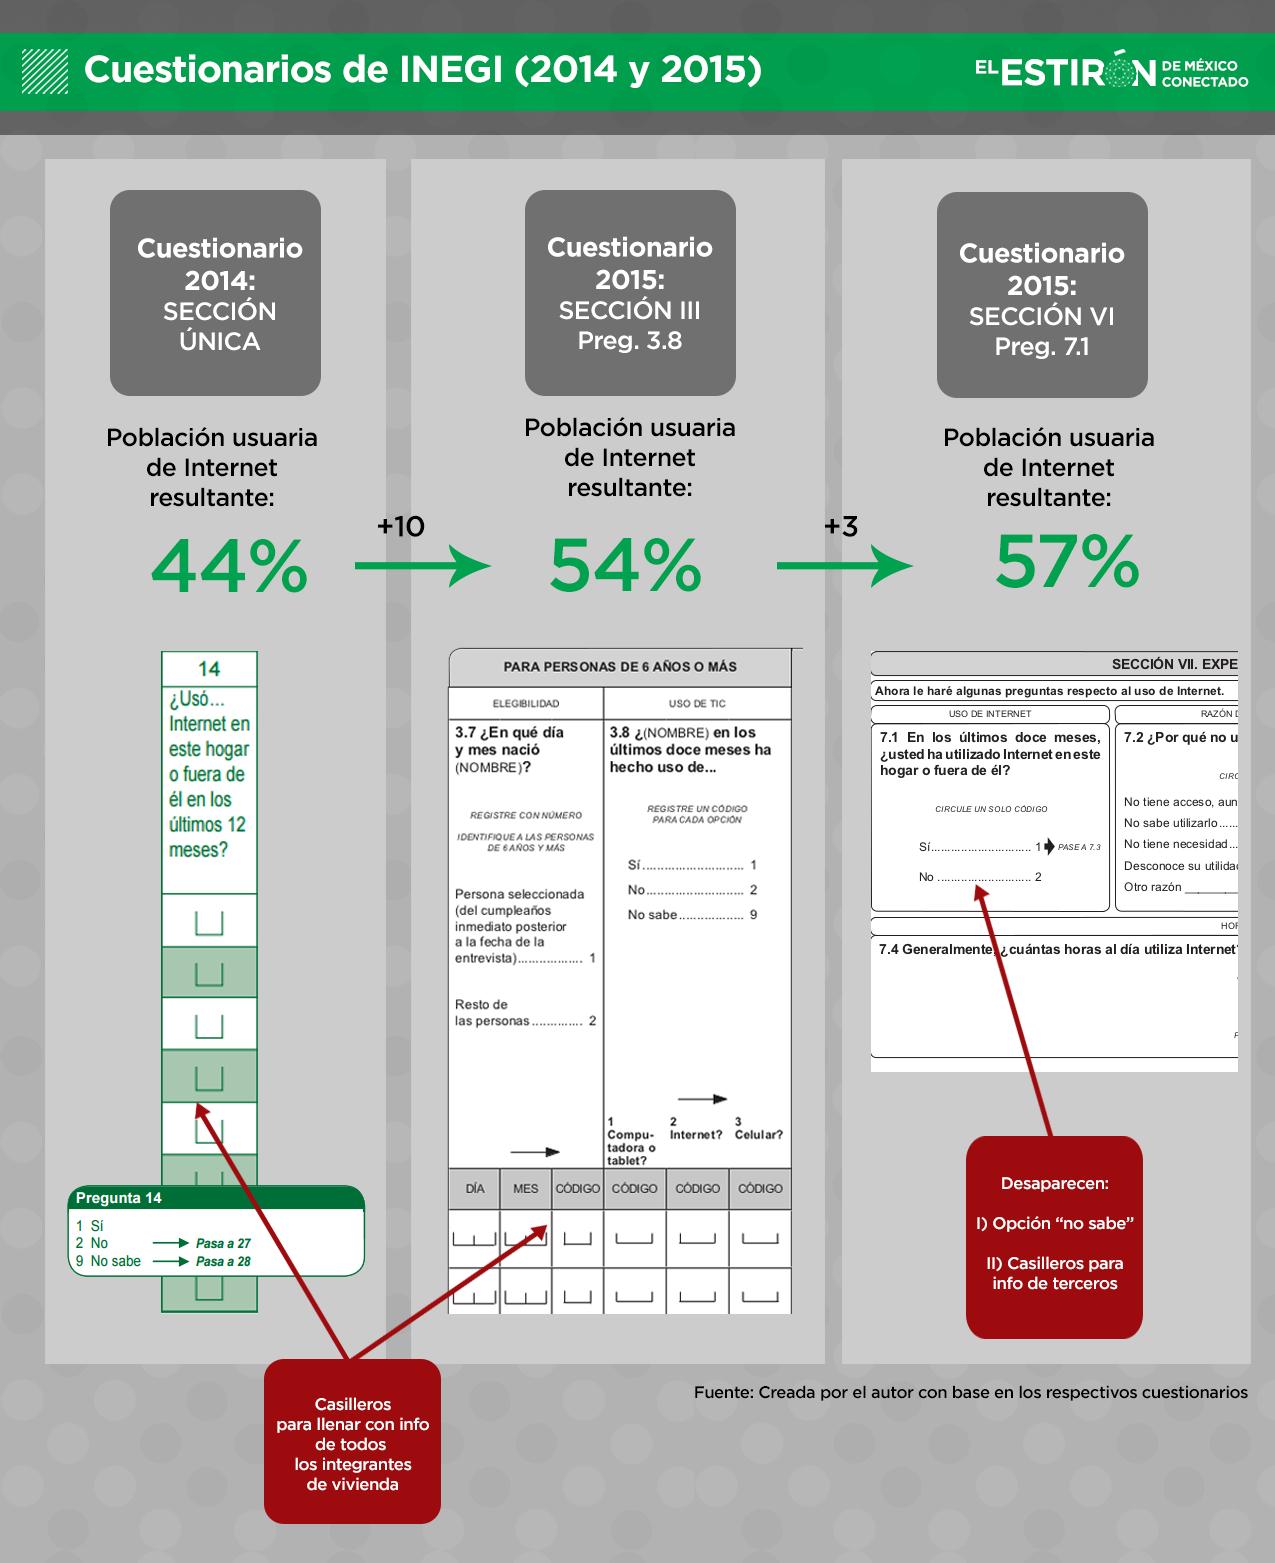 Cuestionarios de INEGI 2014 y 2015